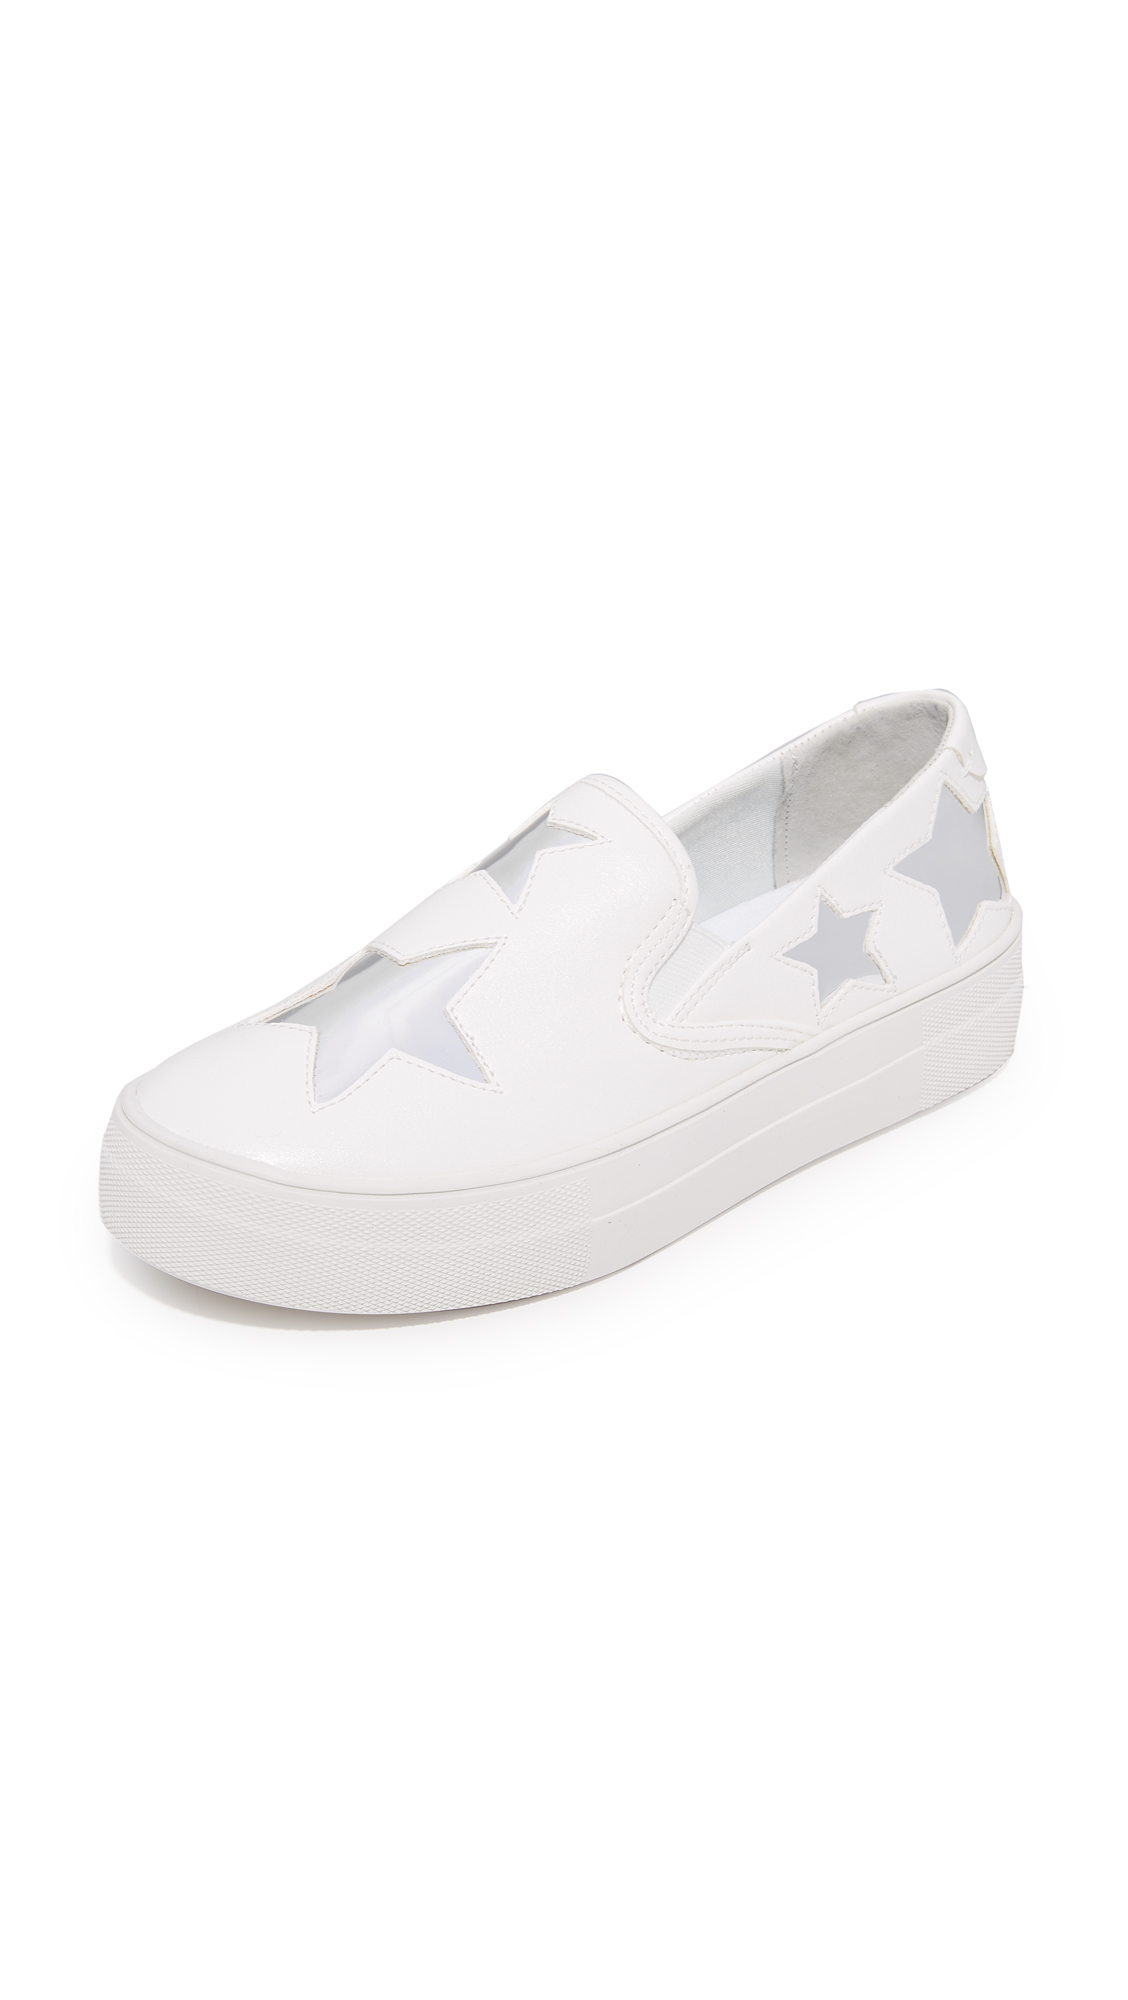 Steven Giggy Slip On Sneakers - White Multi